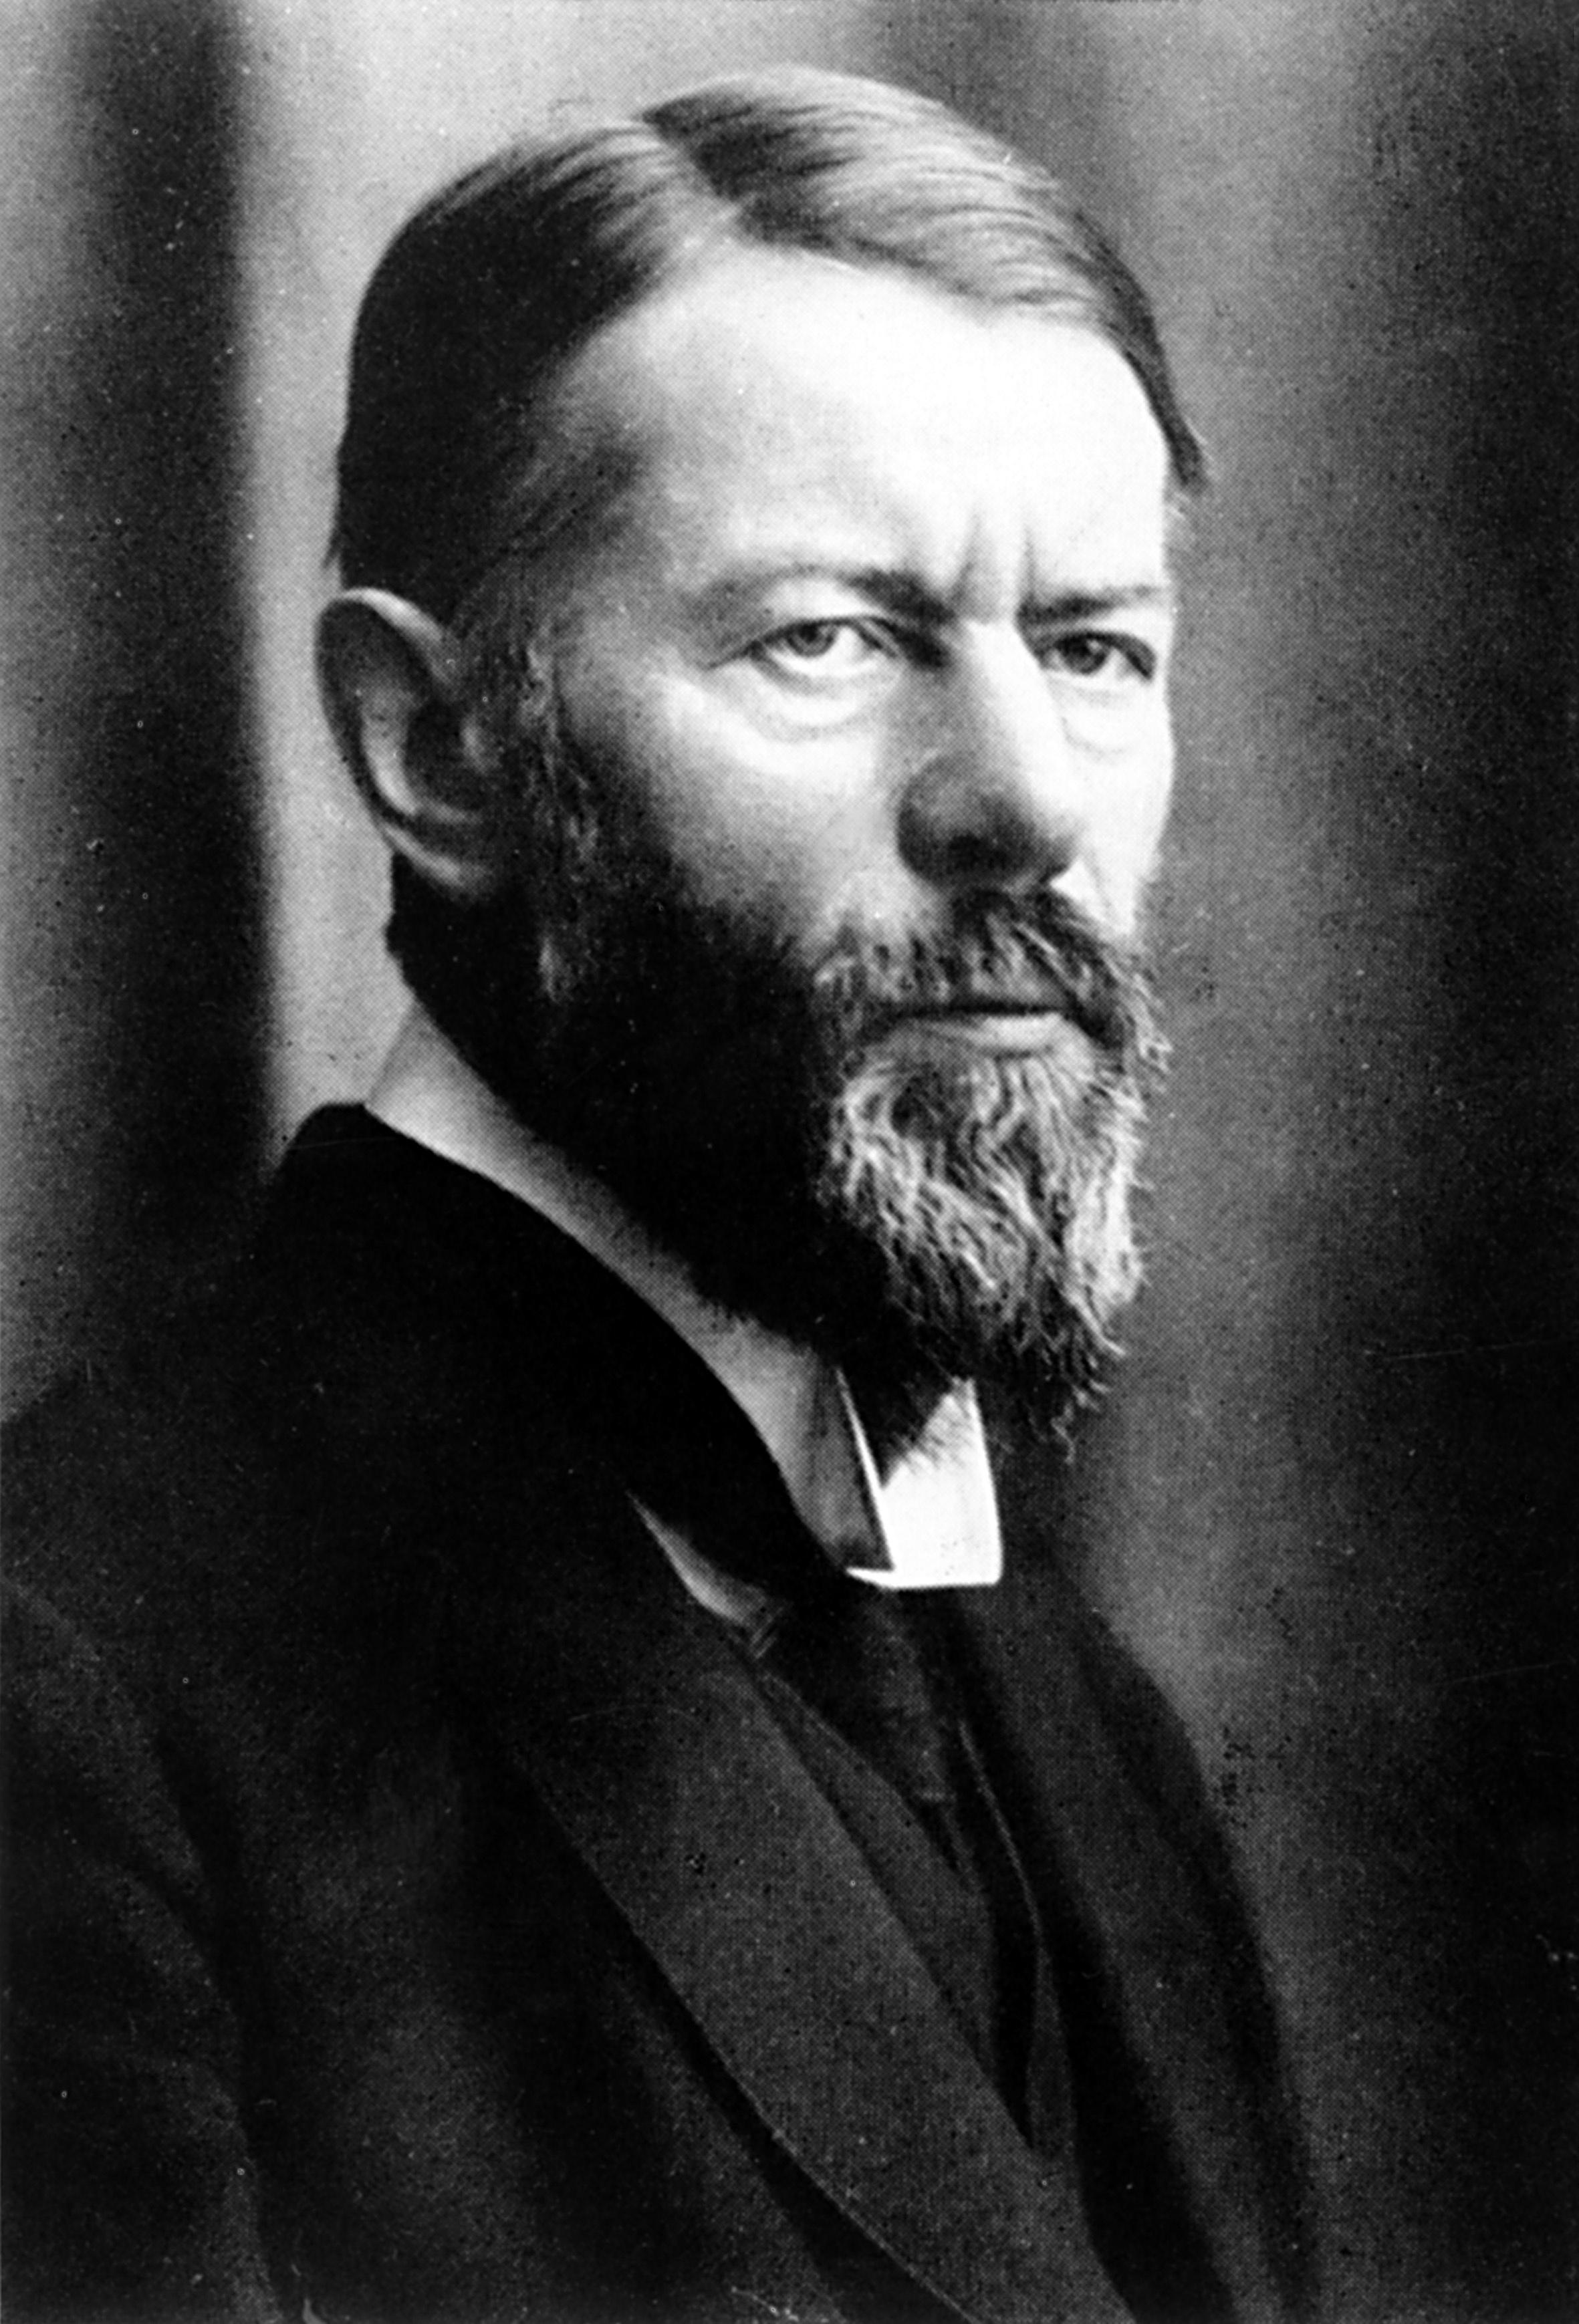 Max Weber, circa 1917.